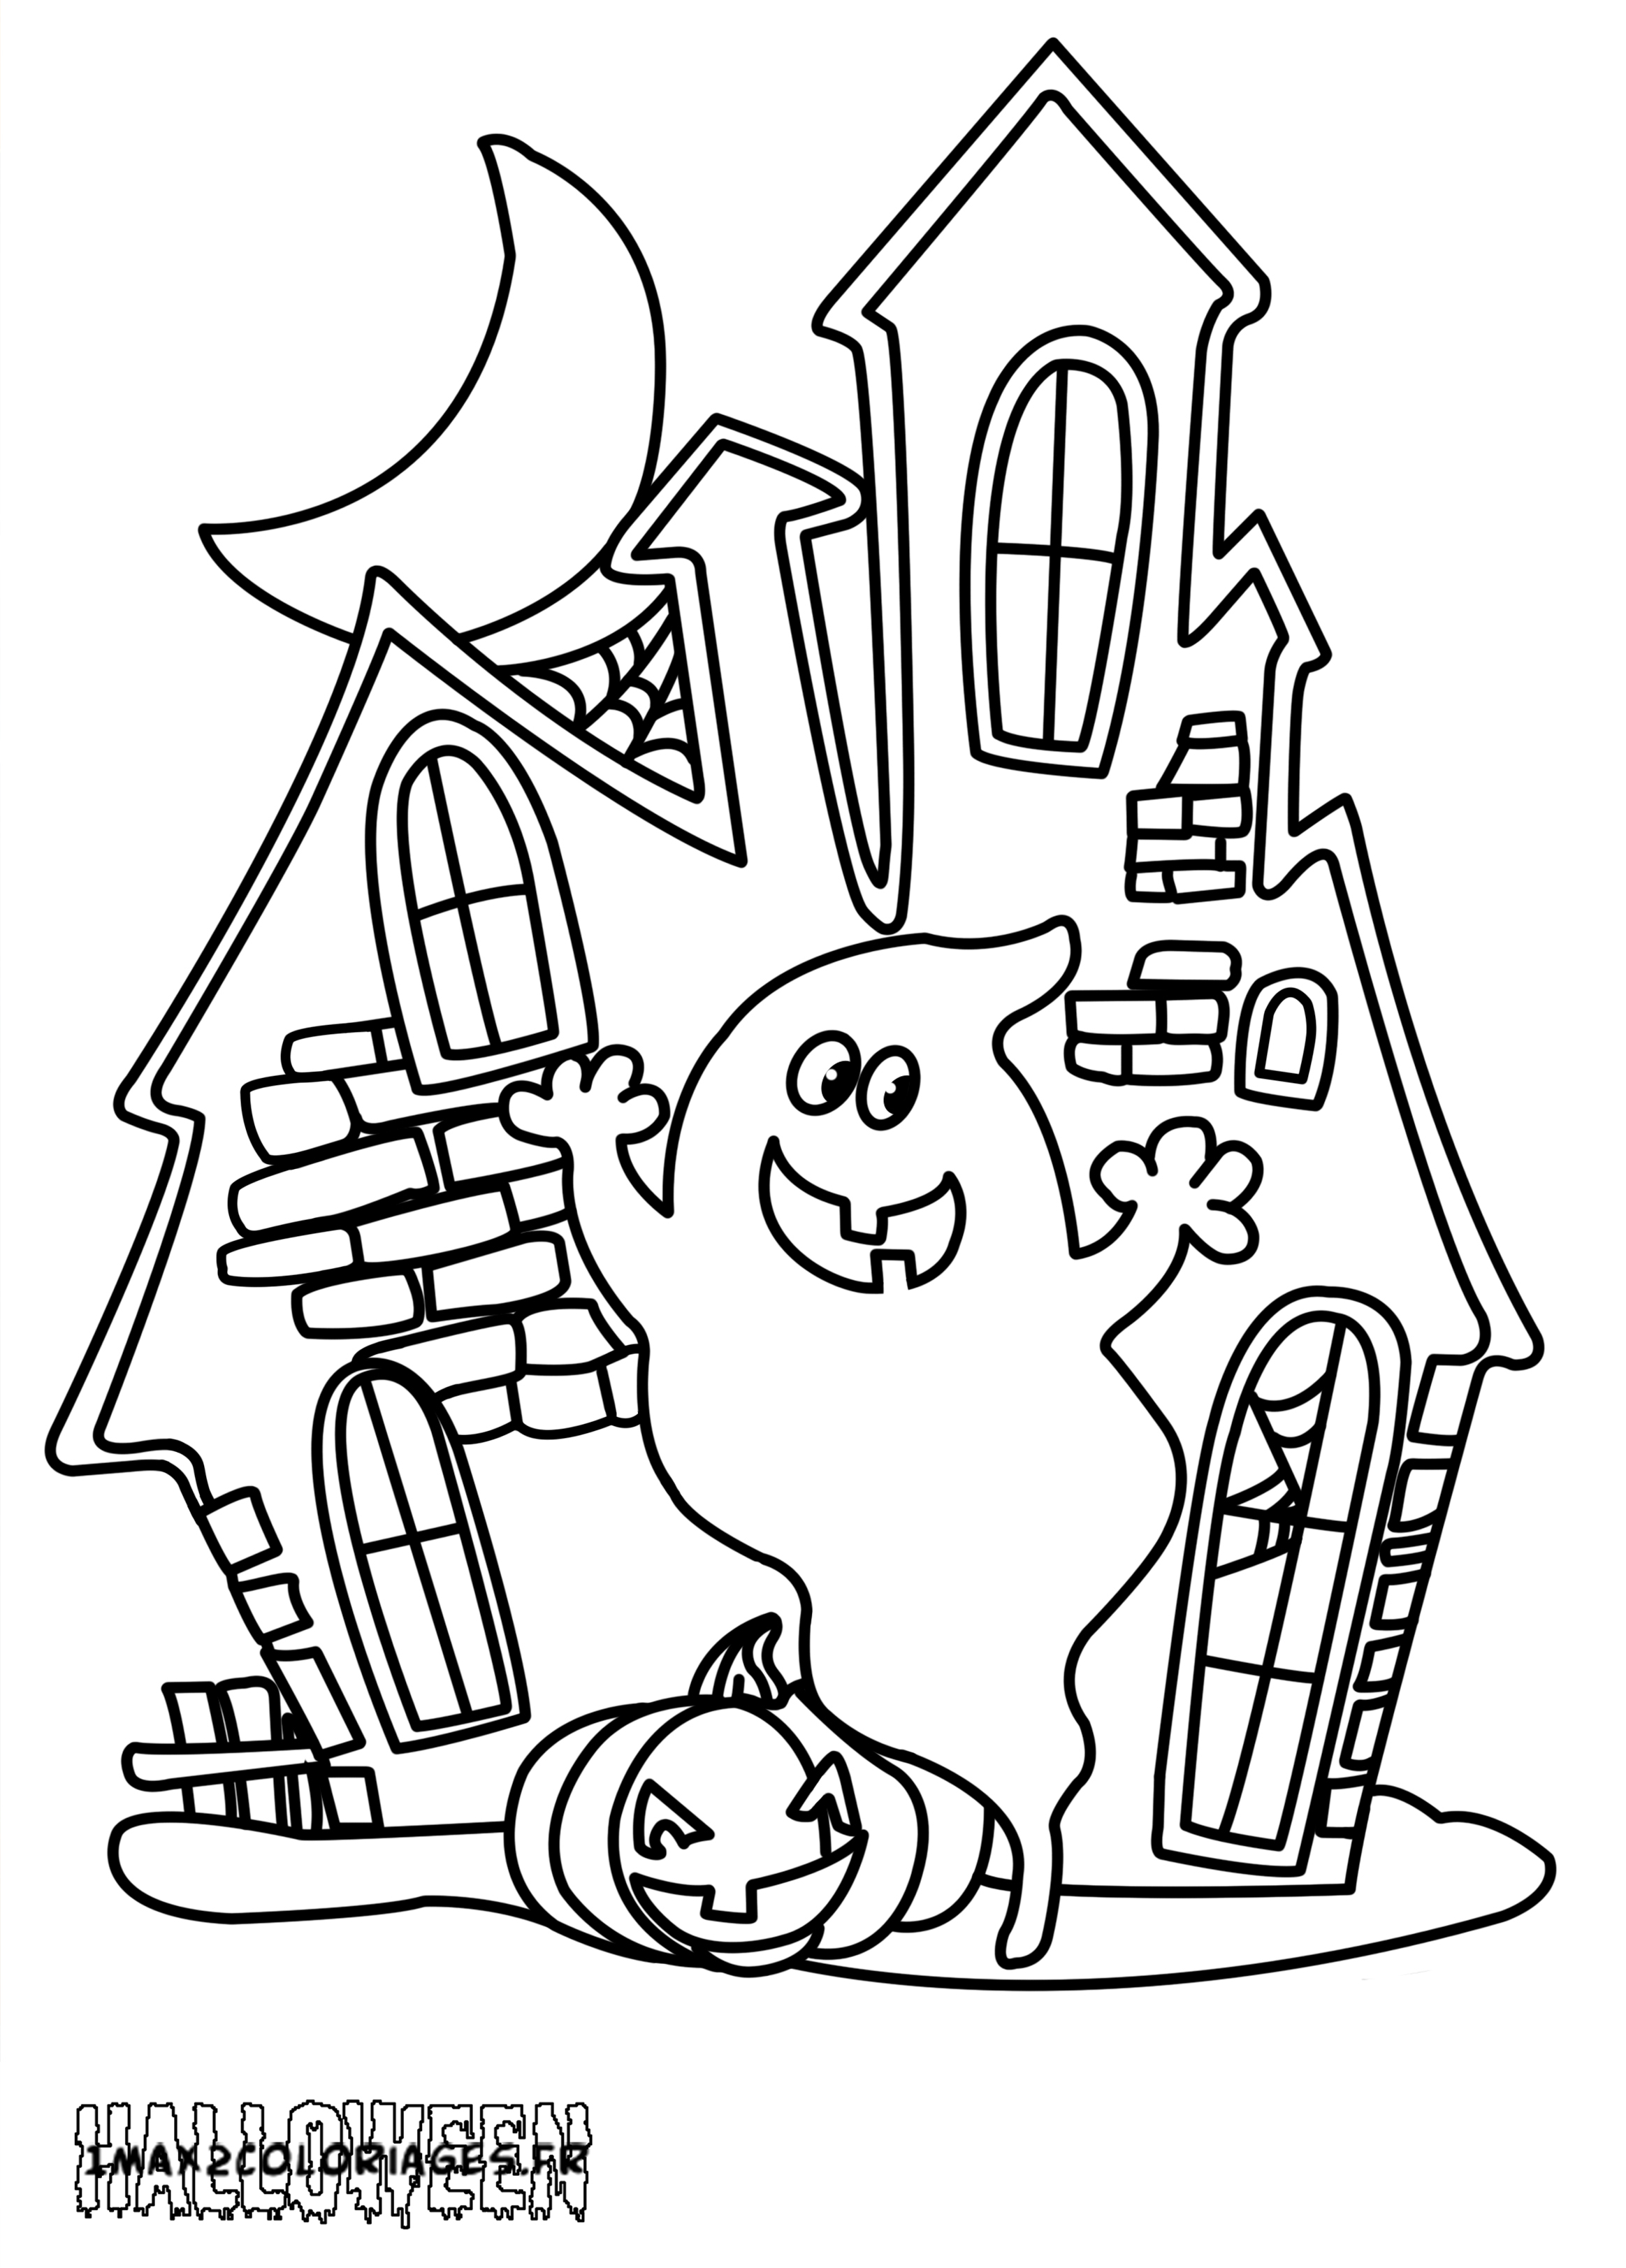 Coloriages Gentil Fantome Devant Sa Maison Hantee A Imprimer